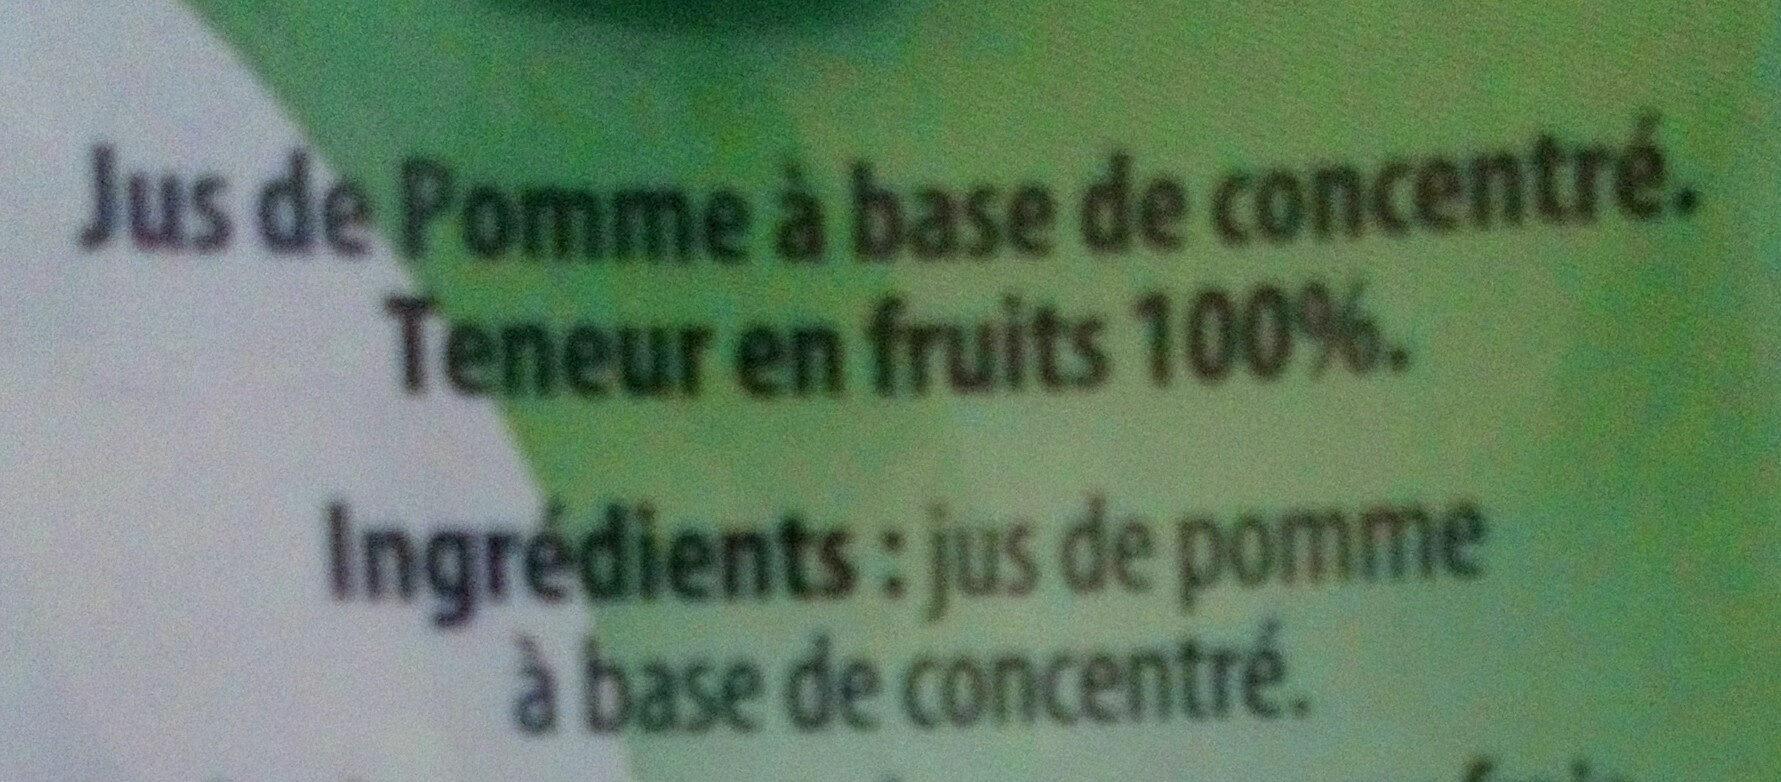 Jus de pomme à base de concentré - Ingredients - fr